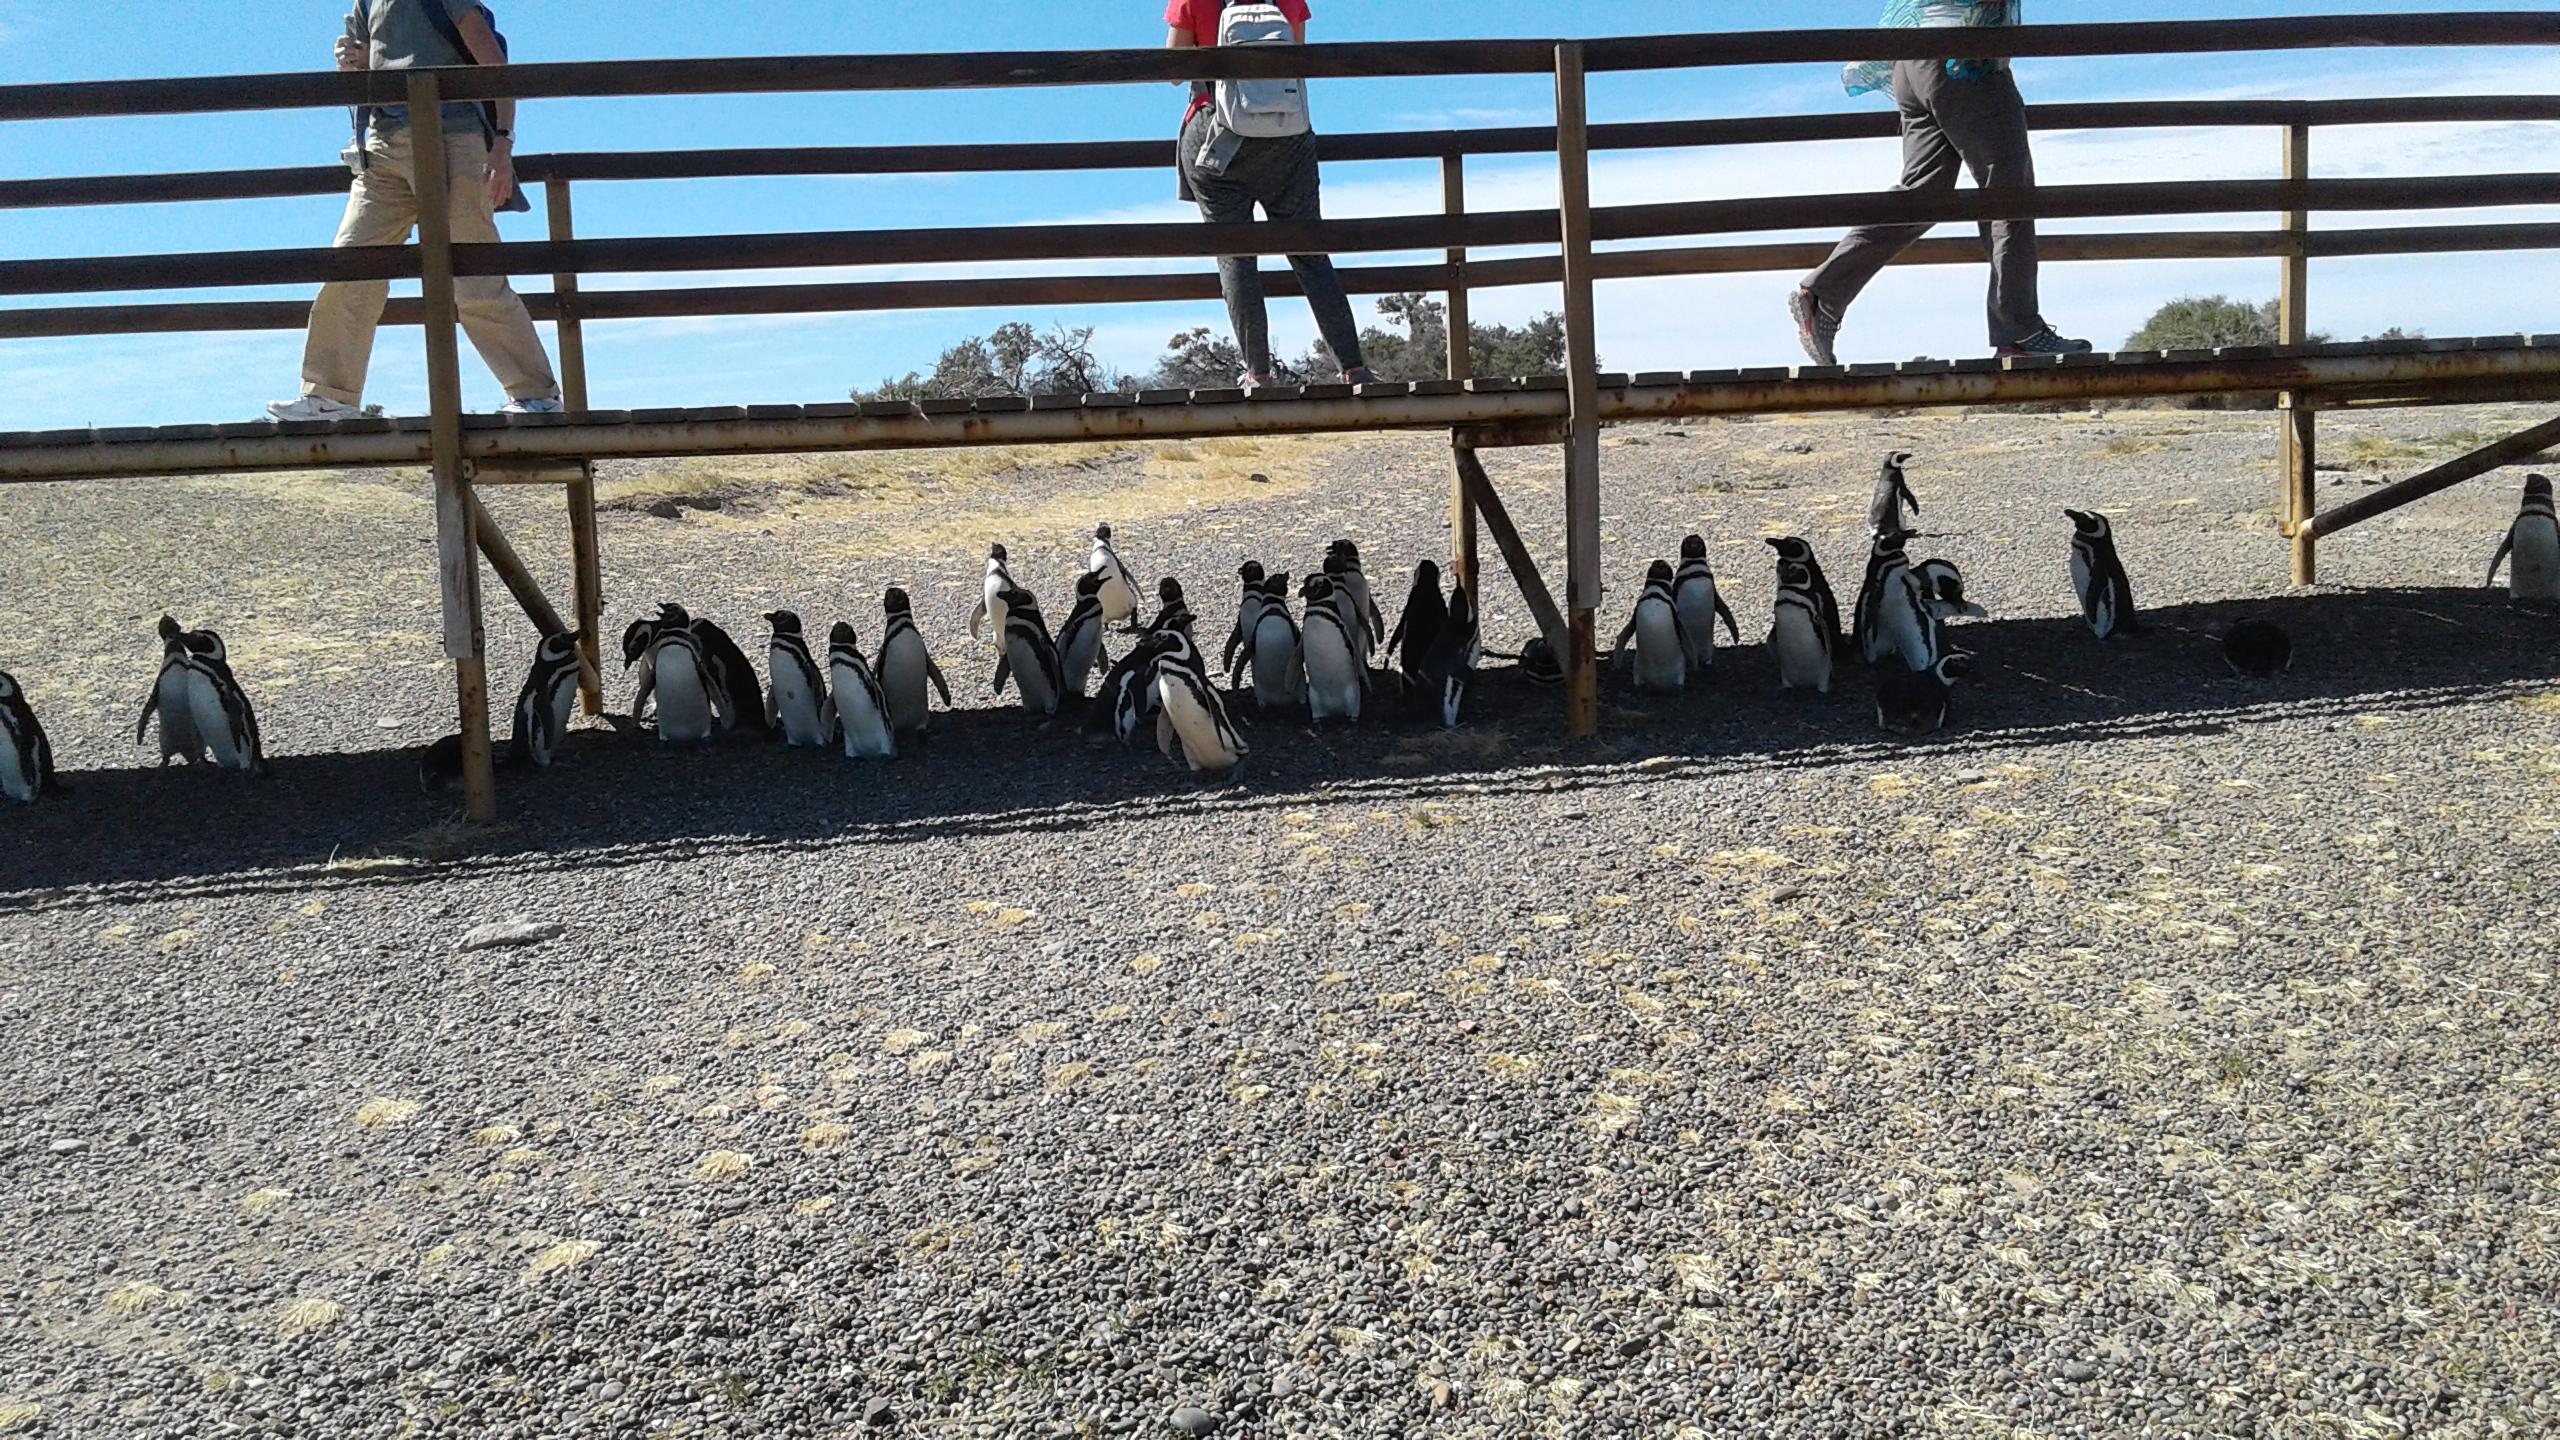 Pinguinos expuestos al turismo